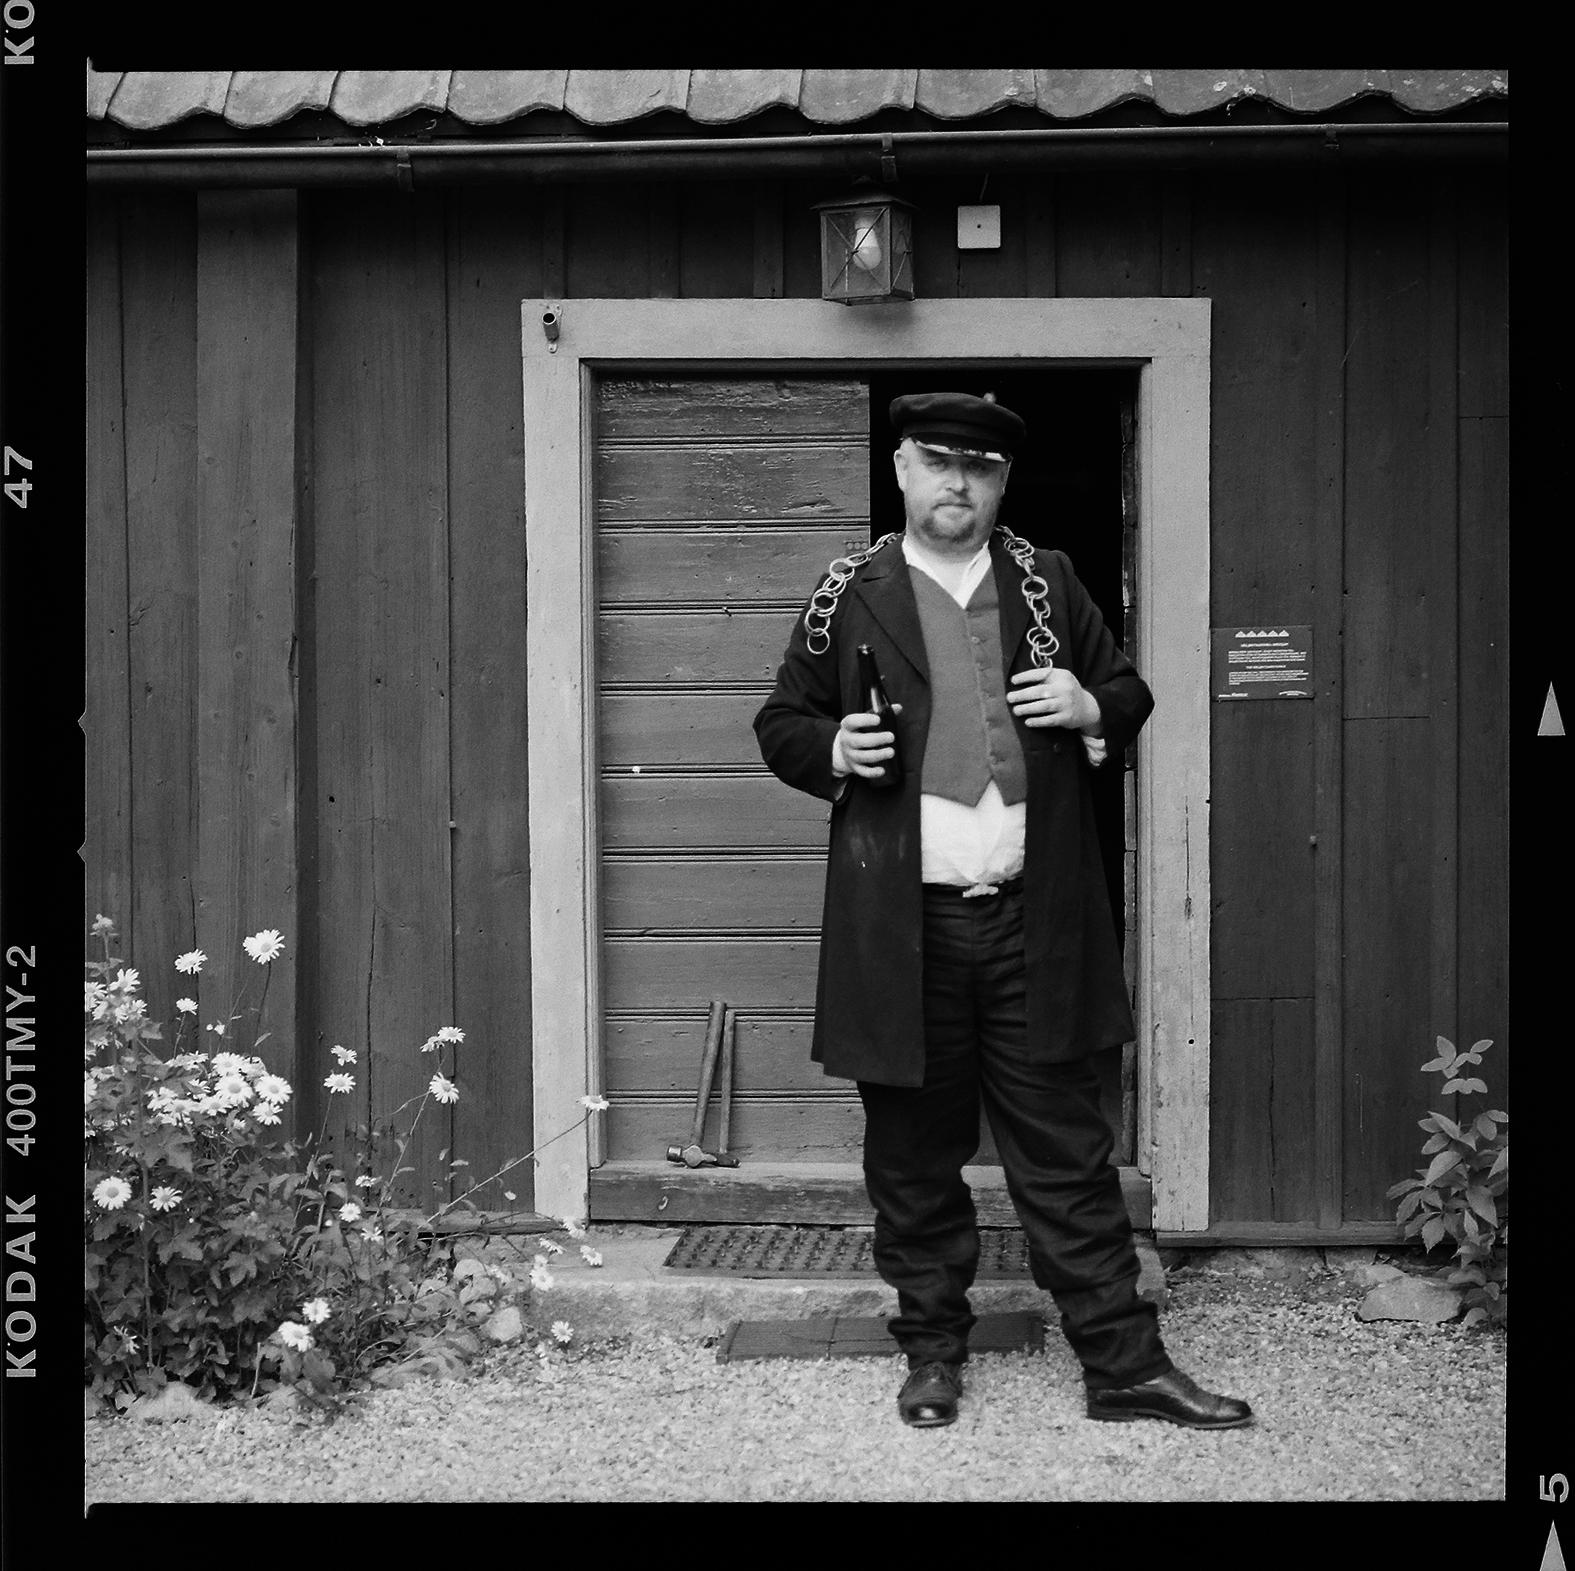 Inte var dag man stöter på Gap-Sundin, i det här fallet var det Henrik Backman som var utklädd. Foto: Mikael Andersson, 2016-06-20, Hasselblad 500 CM, 150mm, f4-1/250.